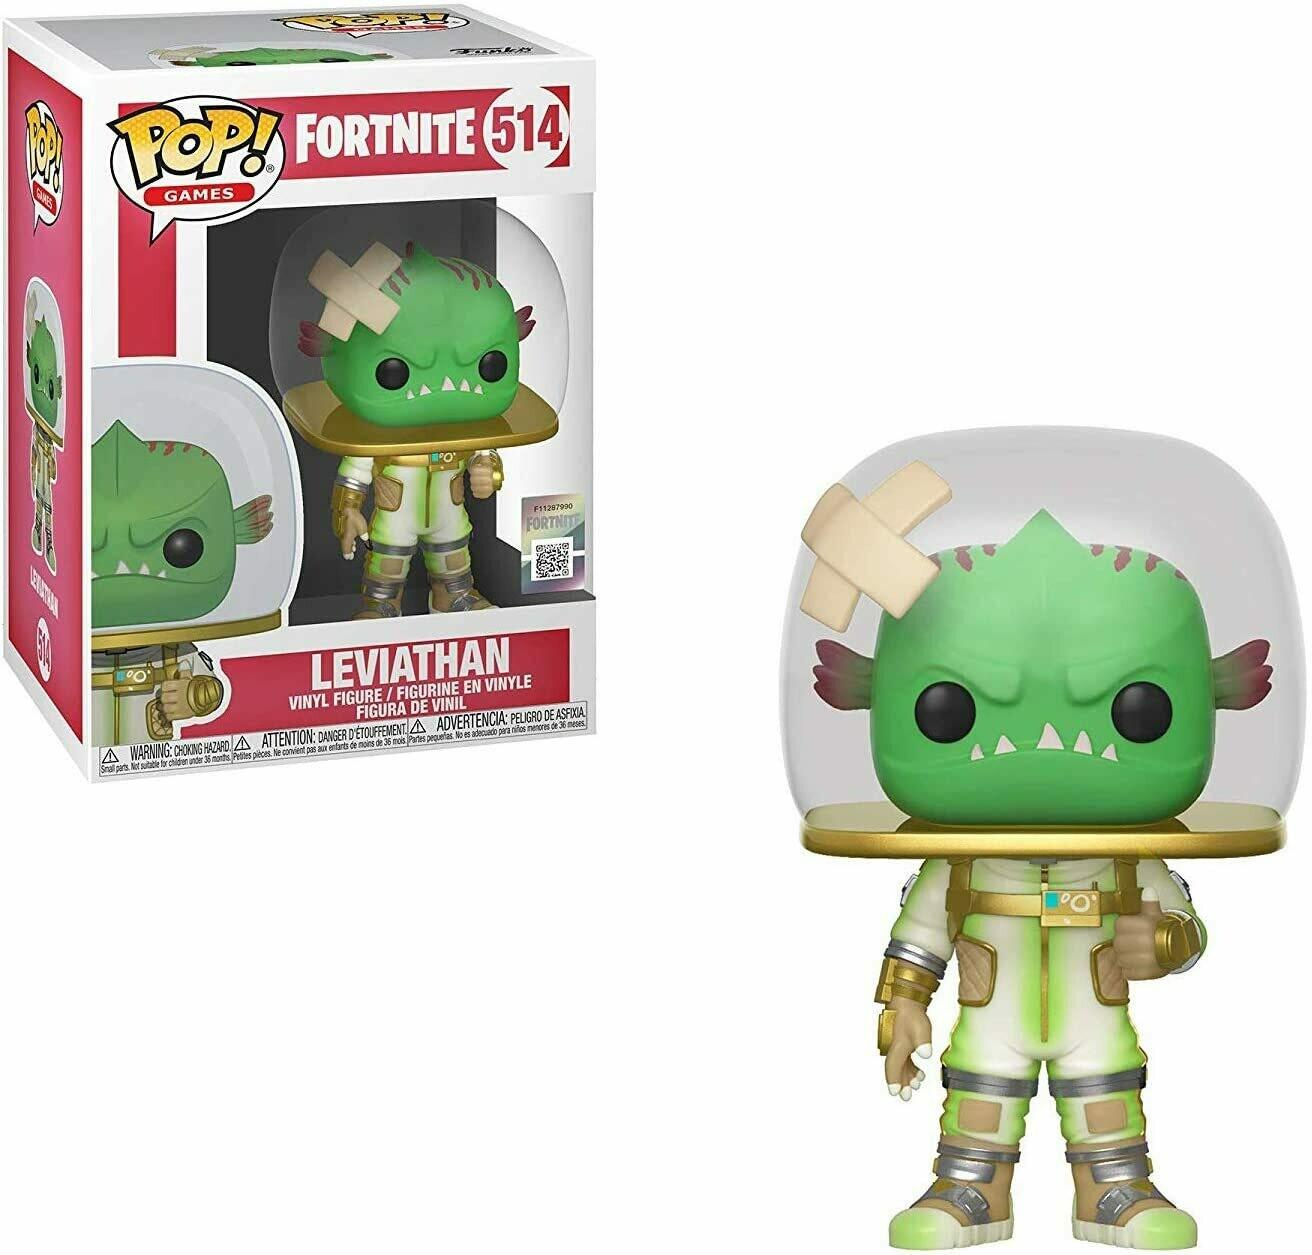 Funko Pop! Fortnite Leviathan